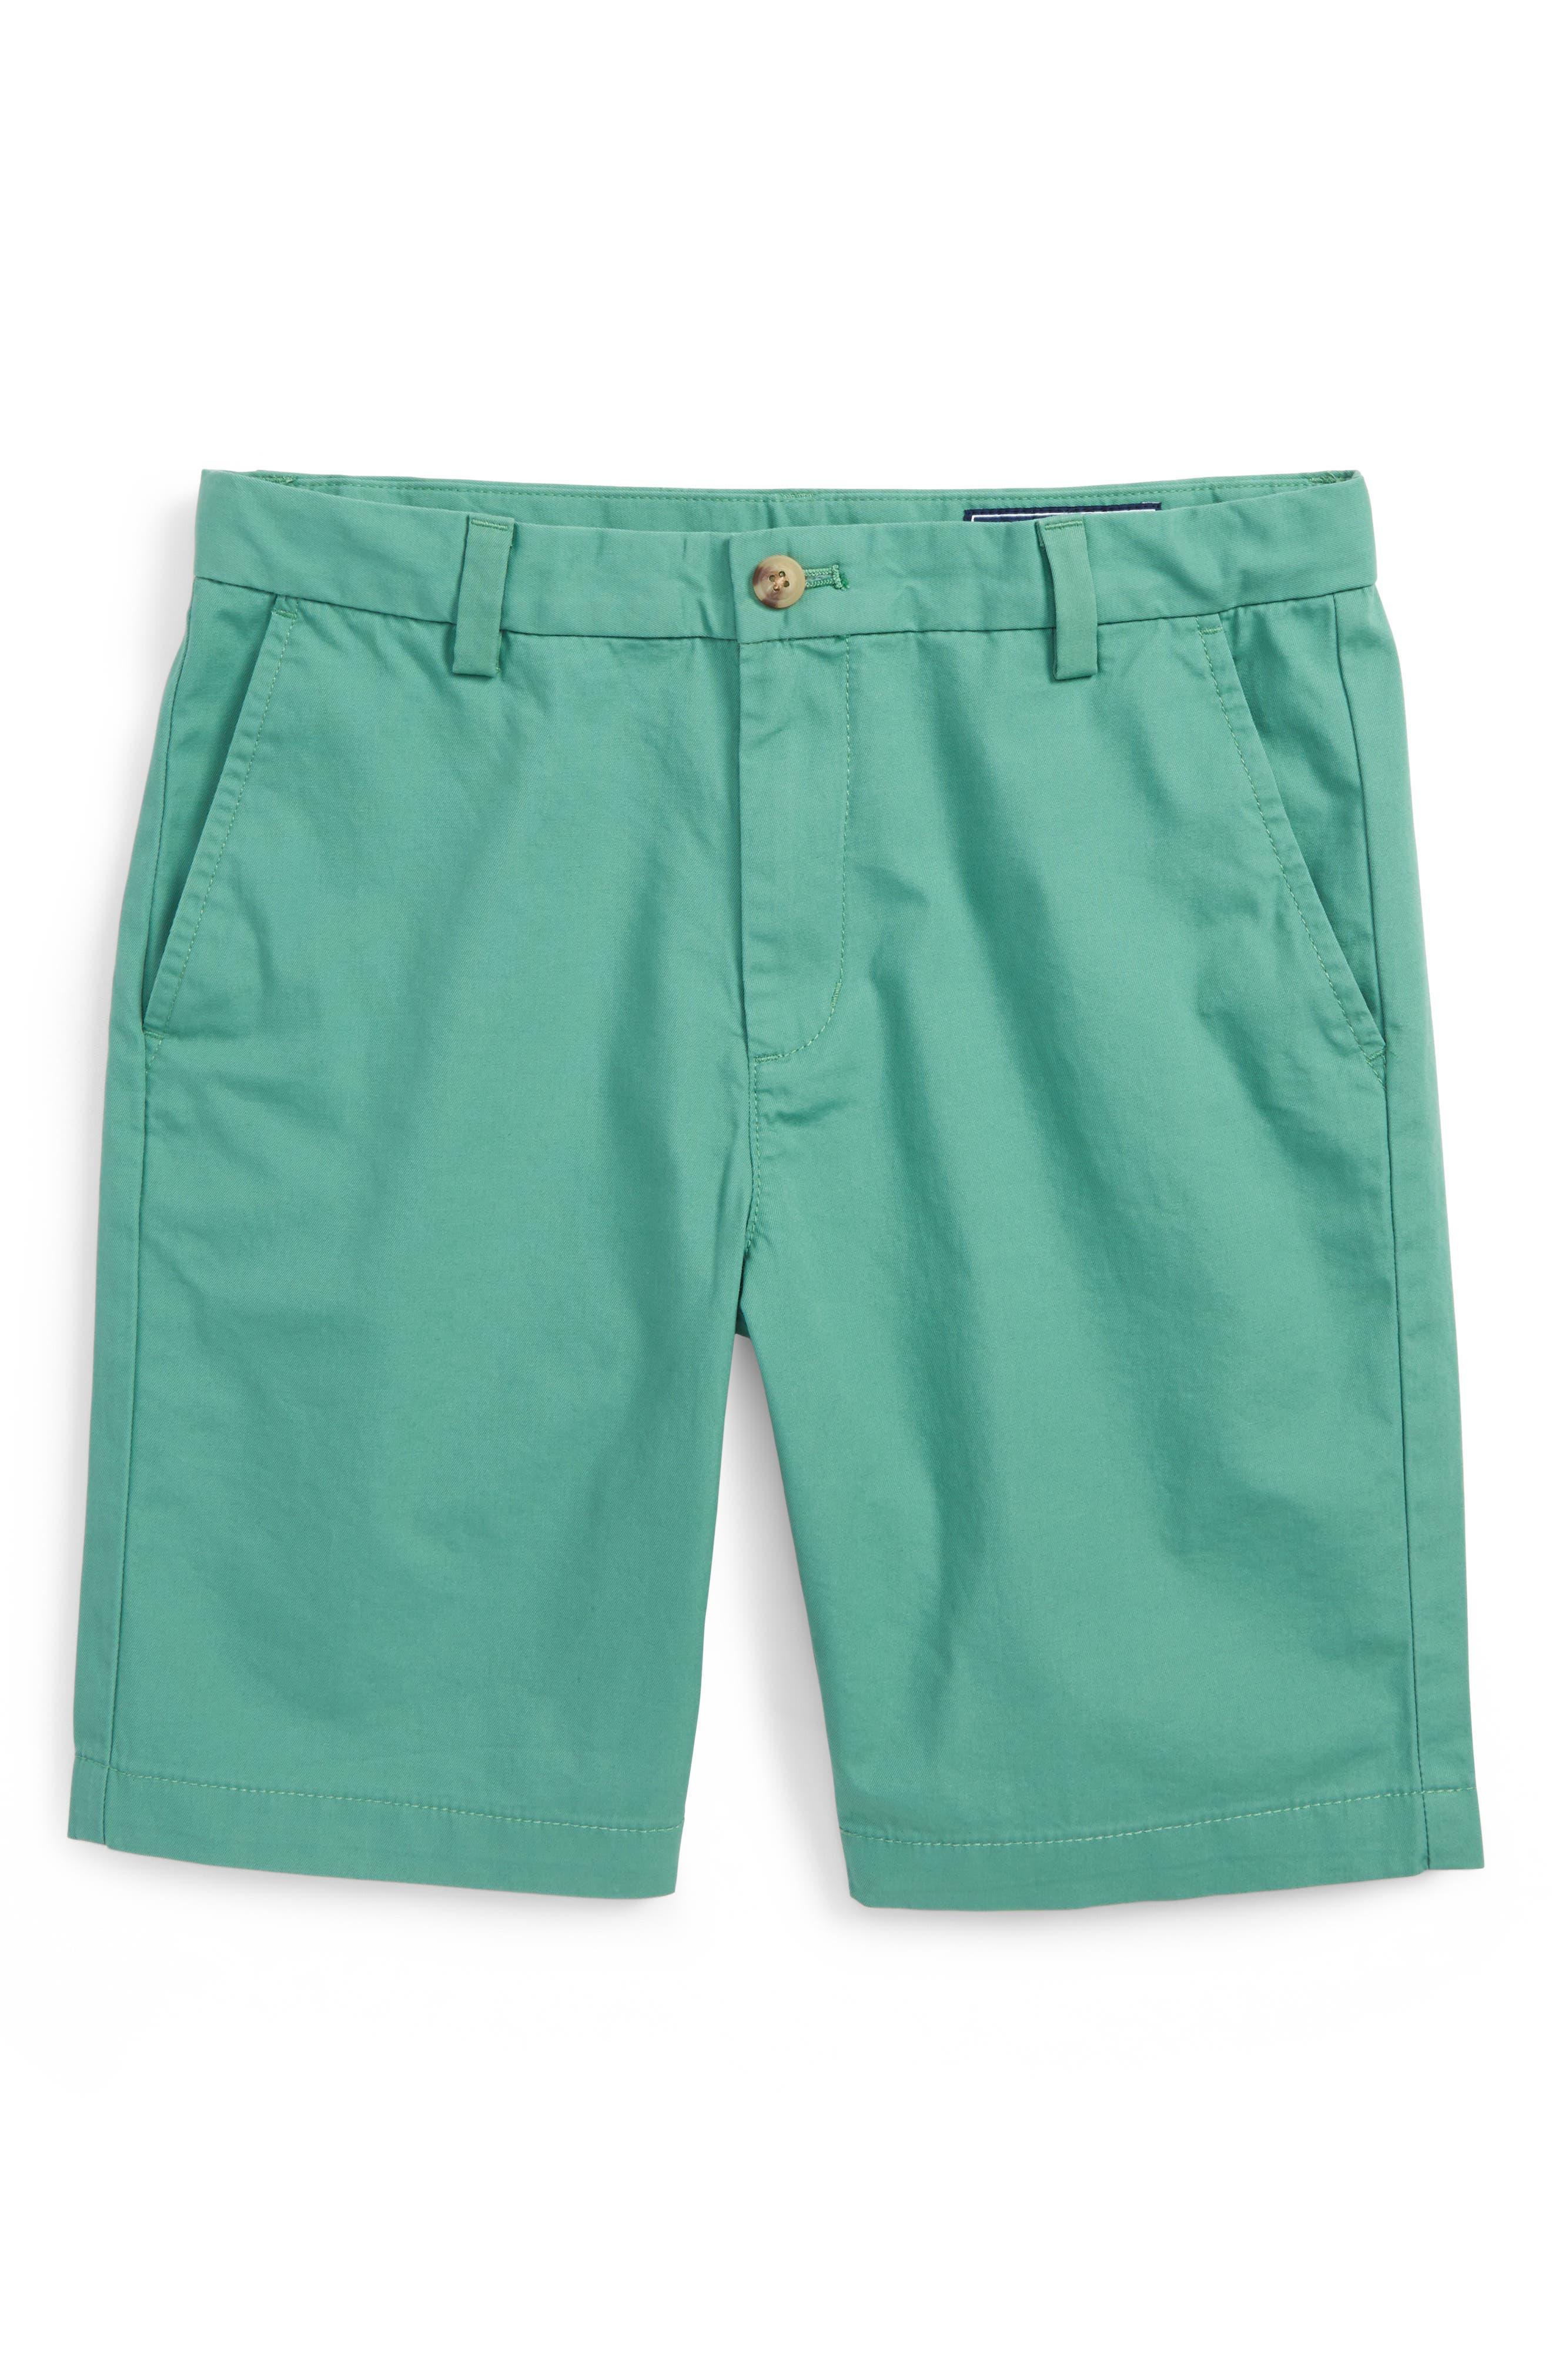 VINEYARD VINES Summer - Breaker Twill Shorts